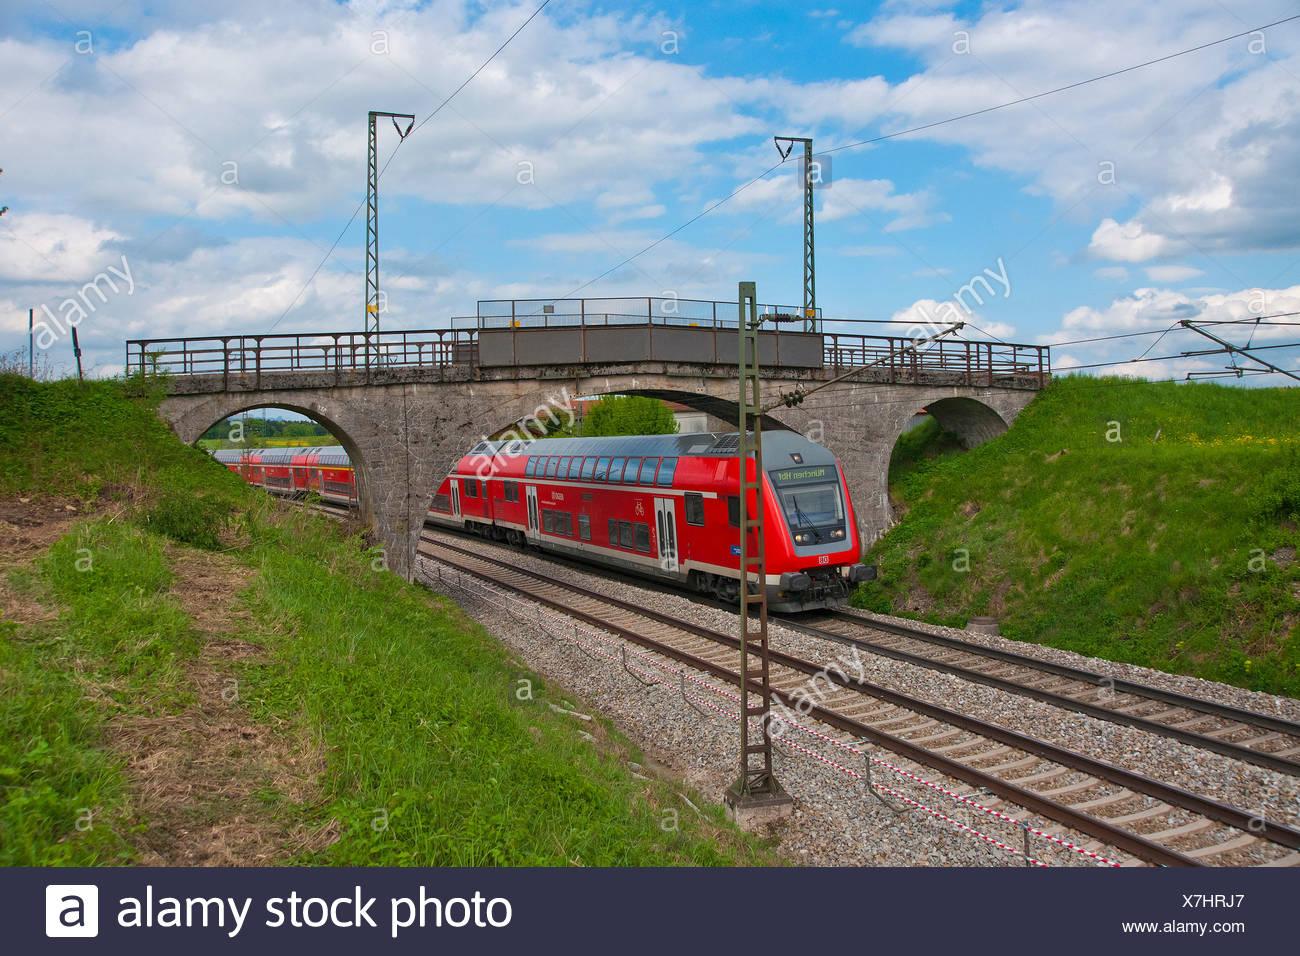 Bayern Deutschland Europa oberen bayerischen Teisendorf Amersberg Straße Eisenbahn Eisenbahn dam elektrische Bahn Transport Brücke rot Stockbild